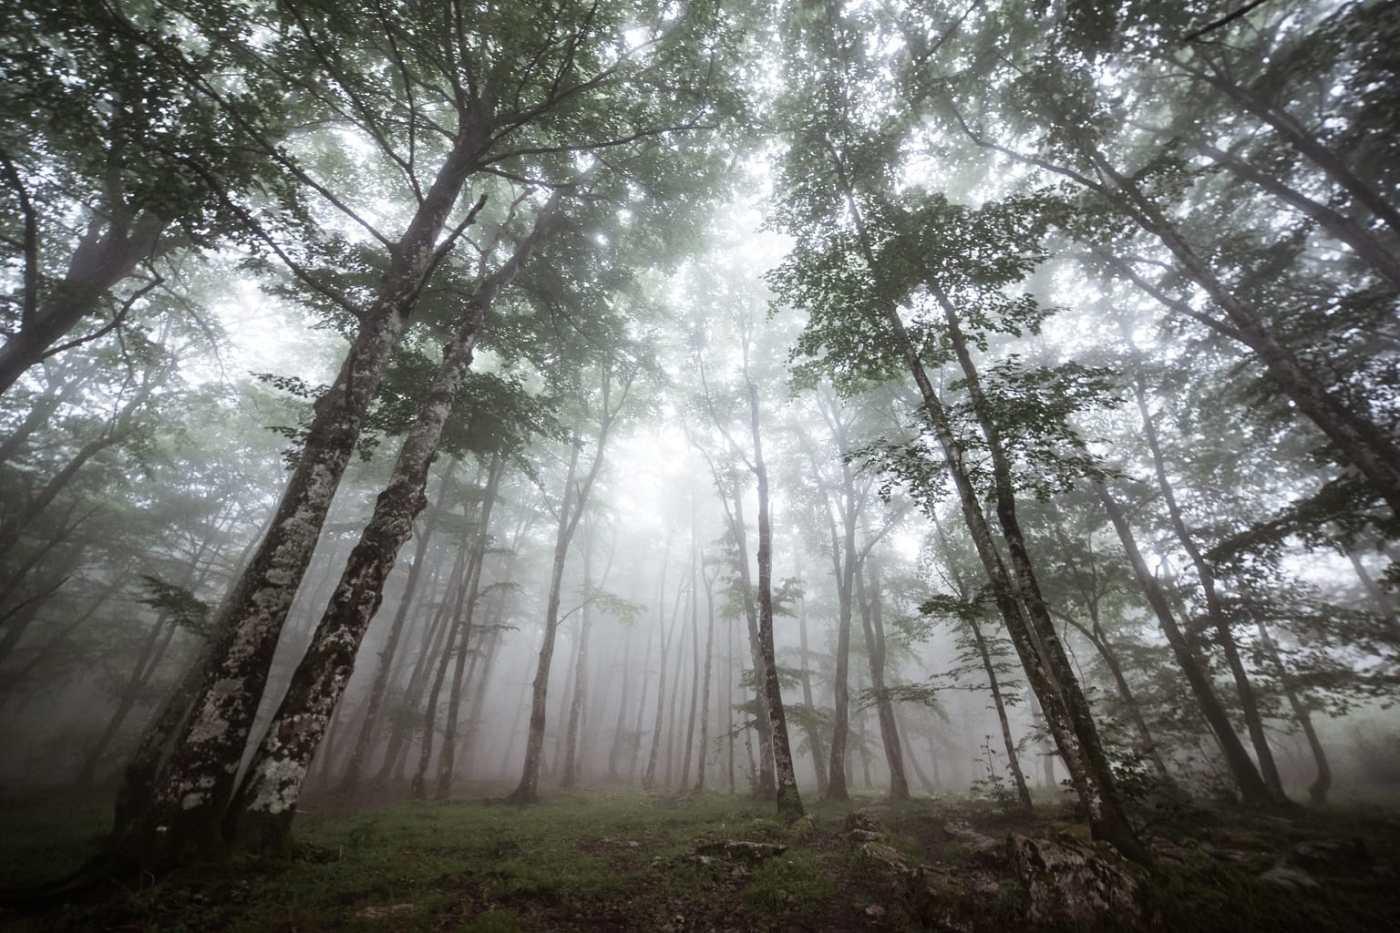 La vida en el bosque